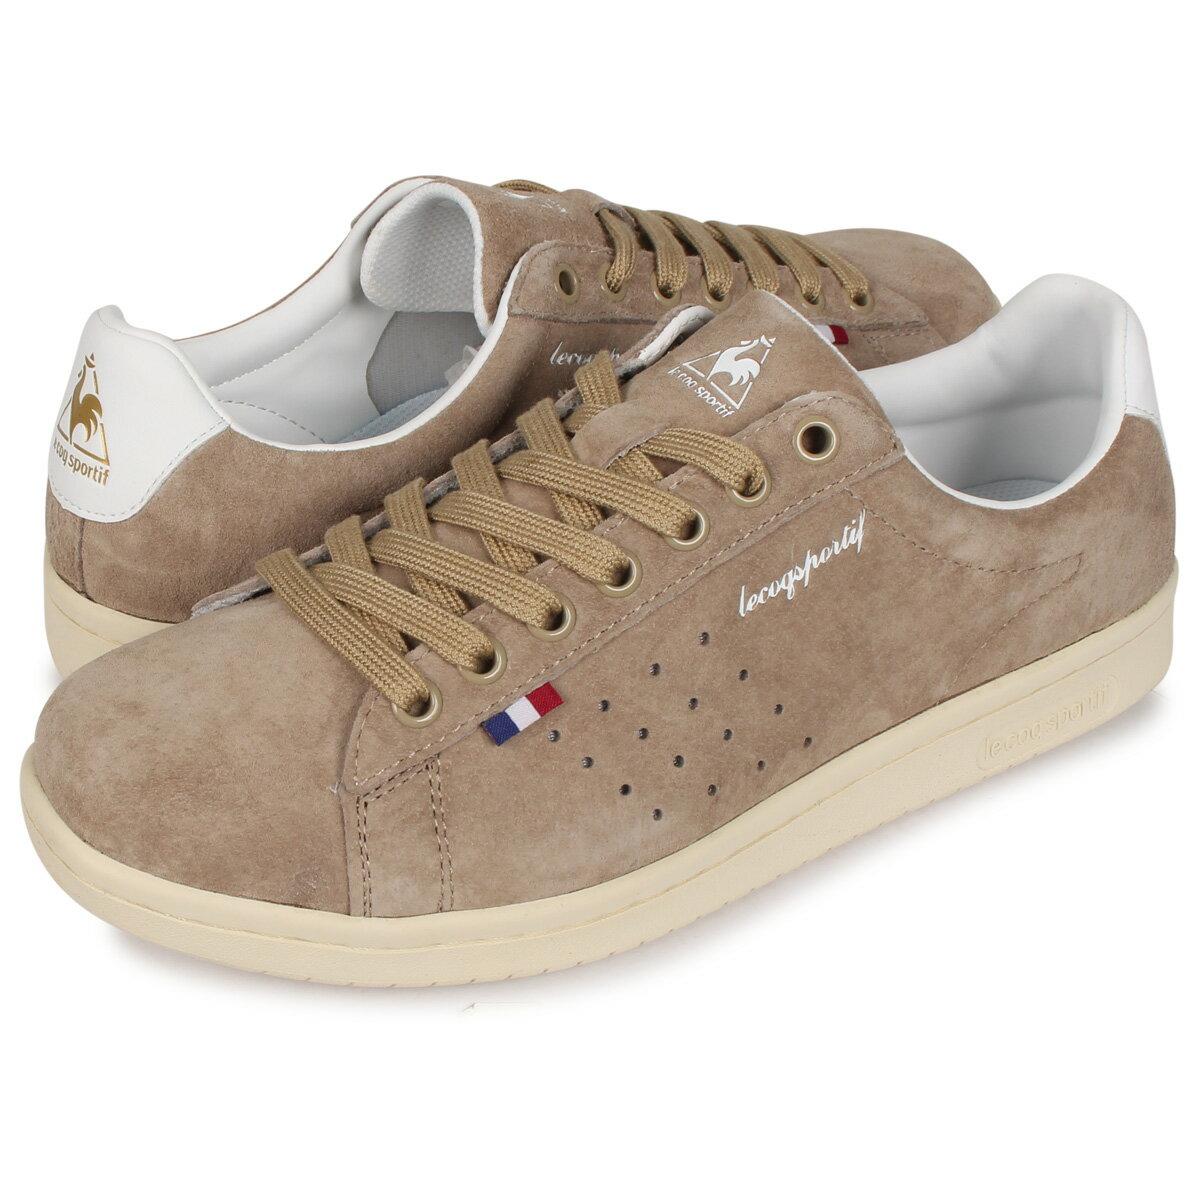 メンズ靴, スニーカー le coq sportif LA ROLAND LE LA QL1PJC18GG 221